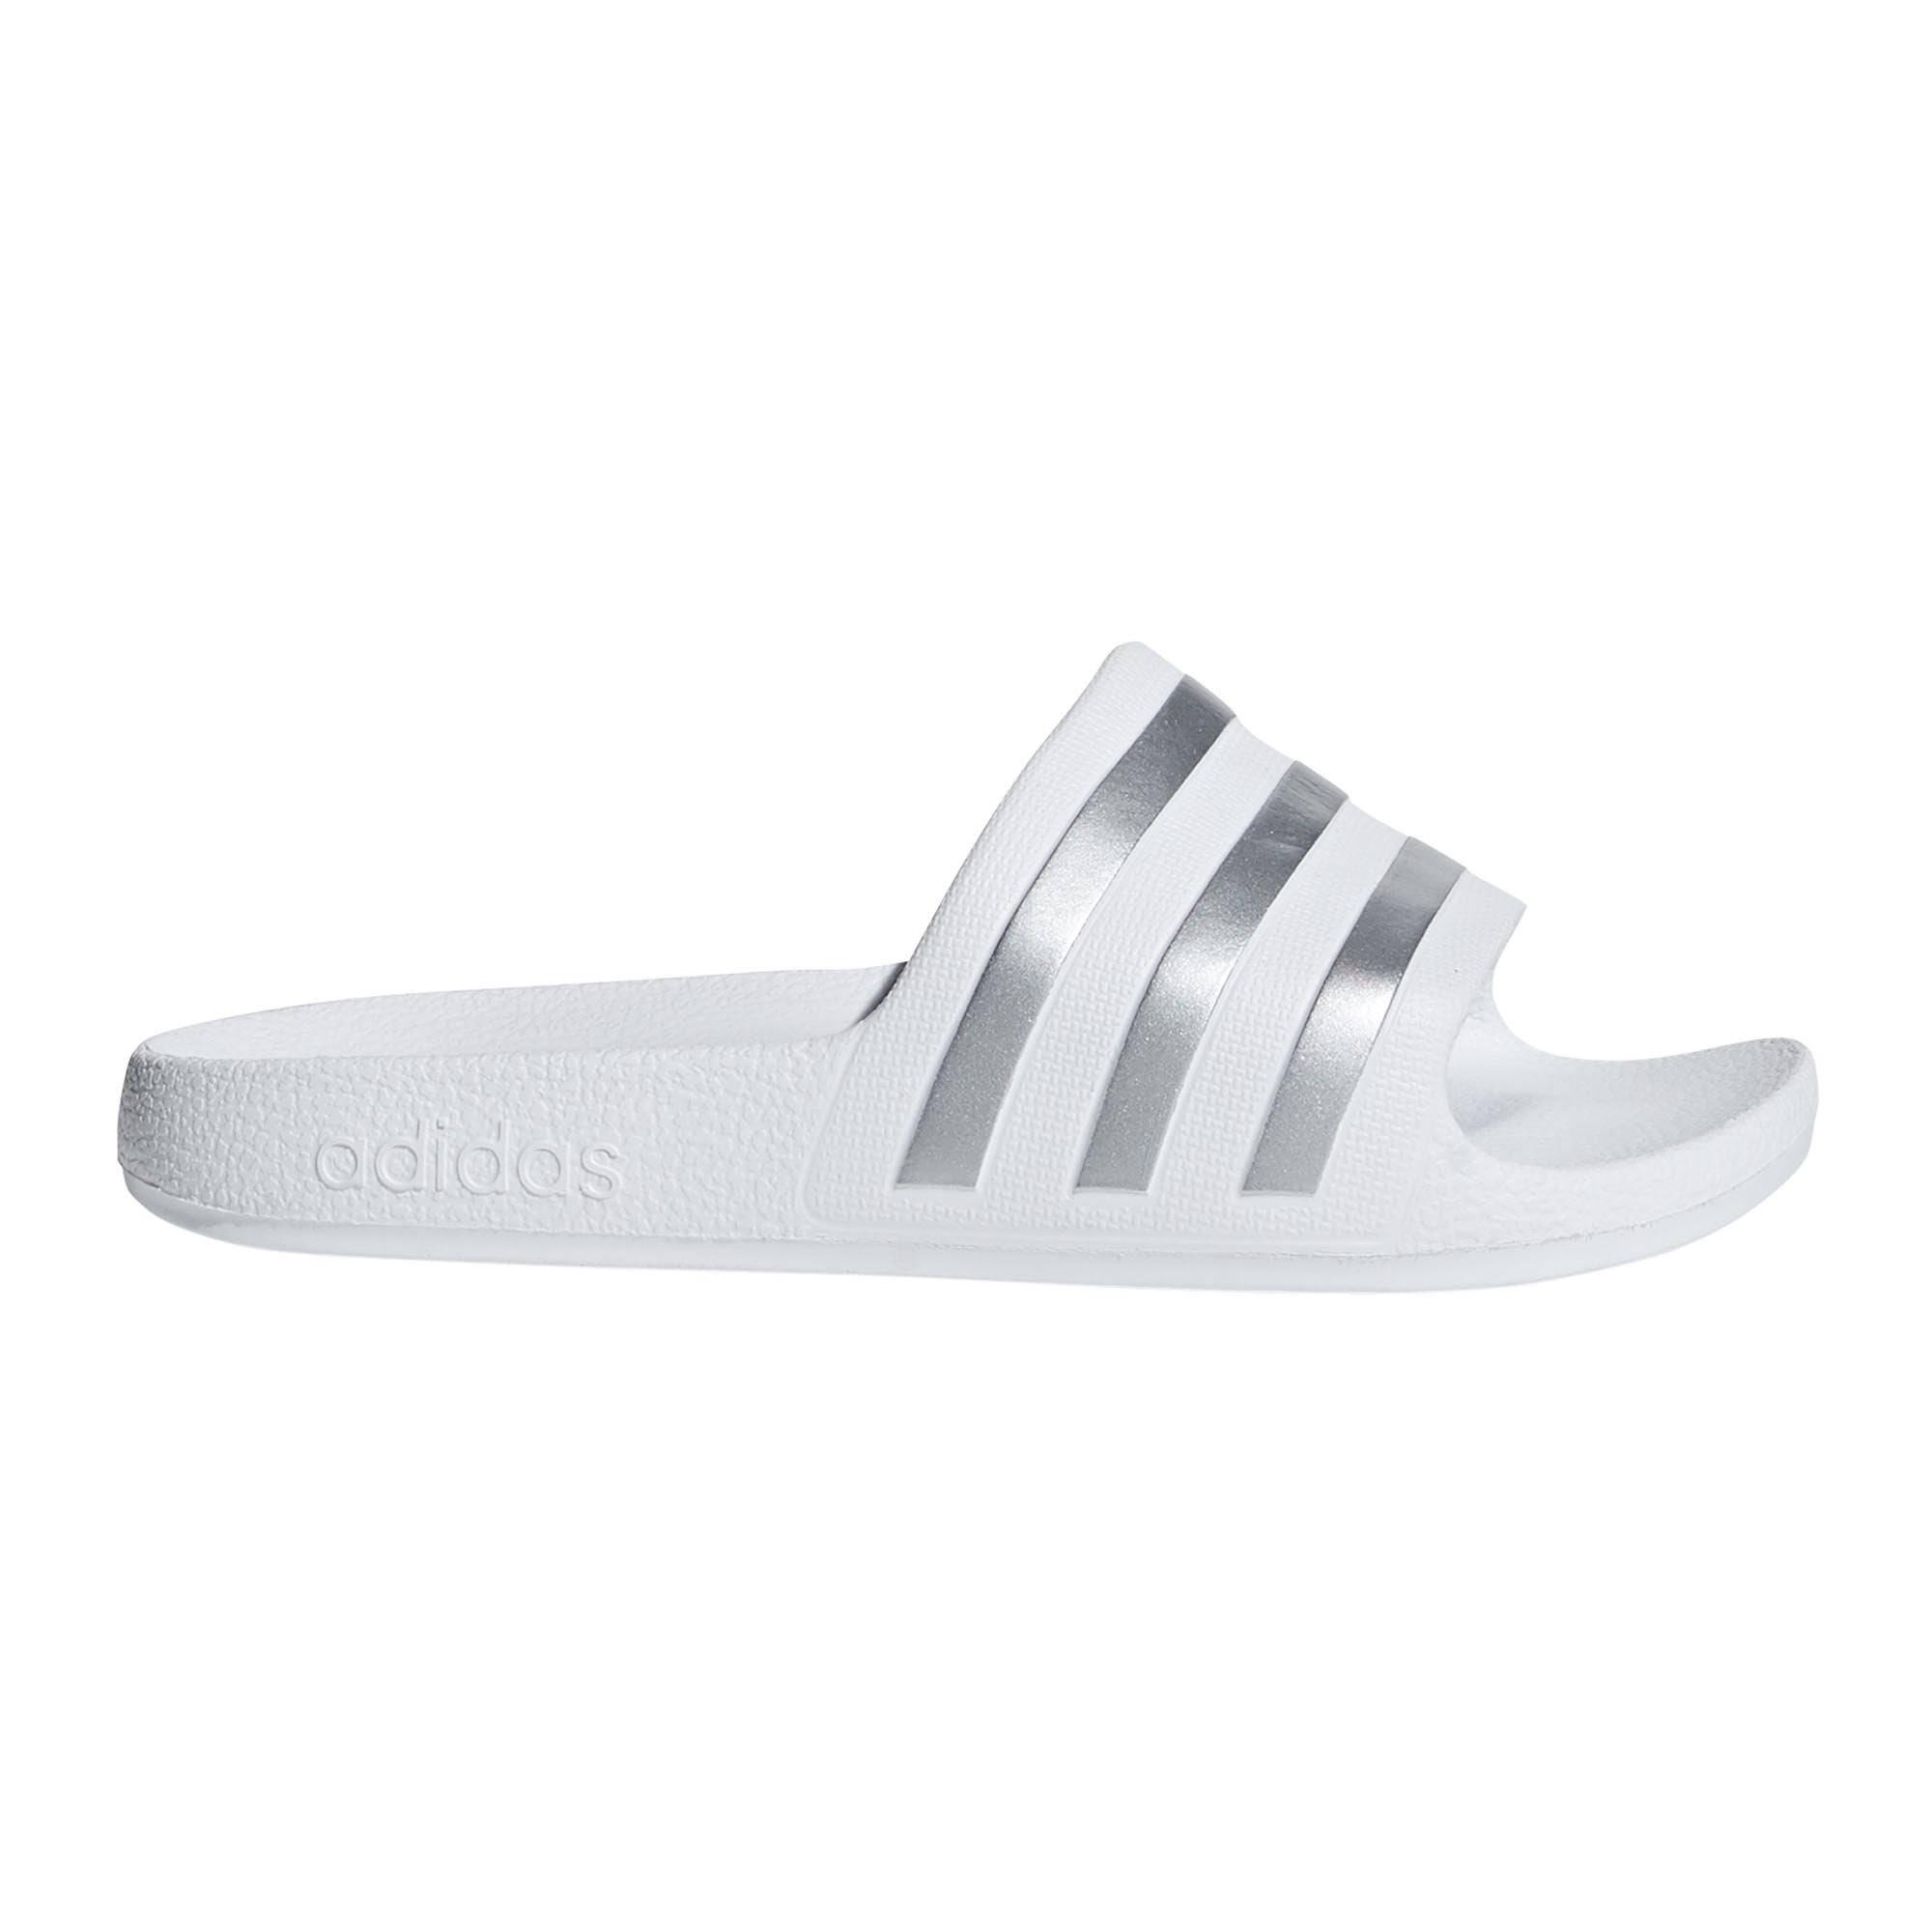 Adidas Kids Adilette Aqua Slides - White/Silver